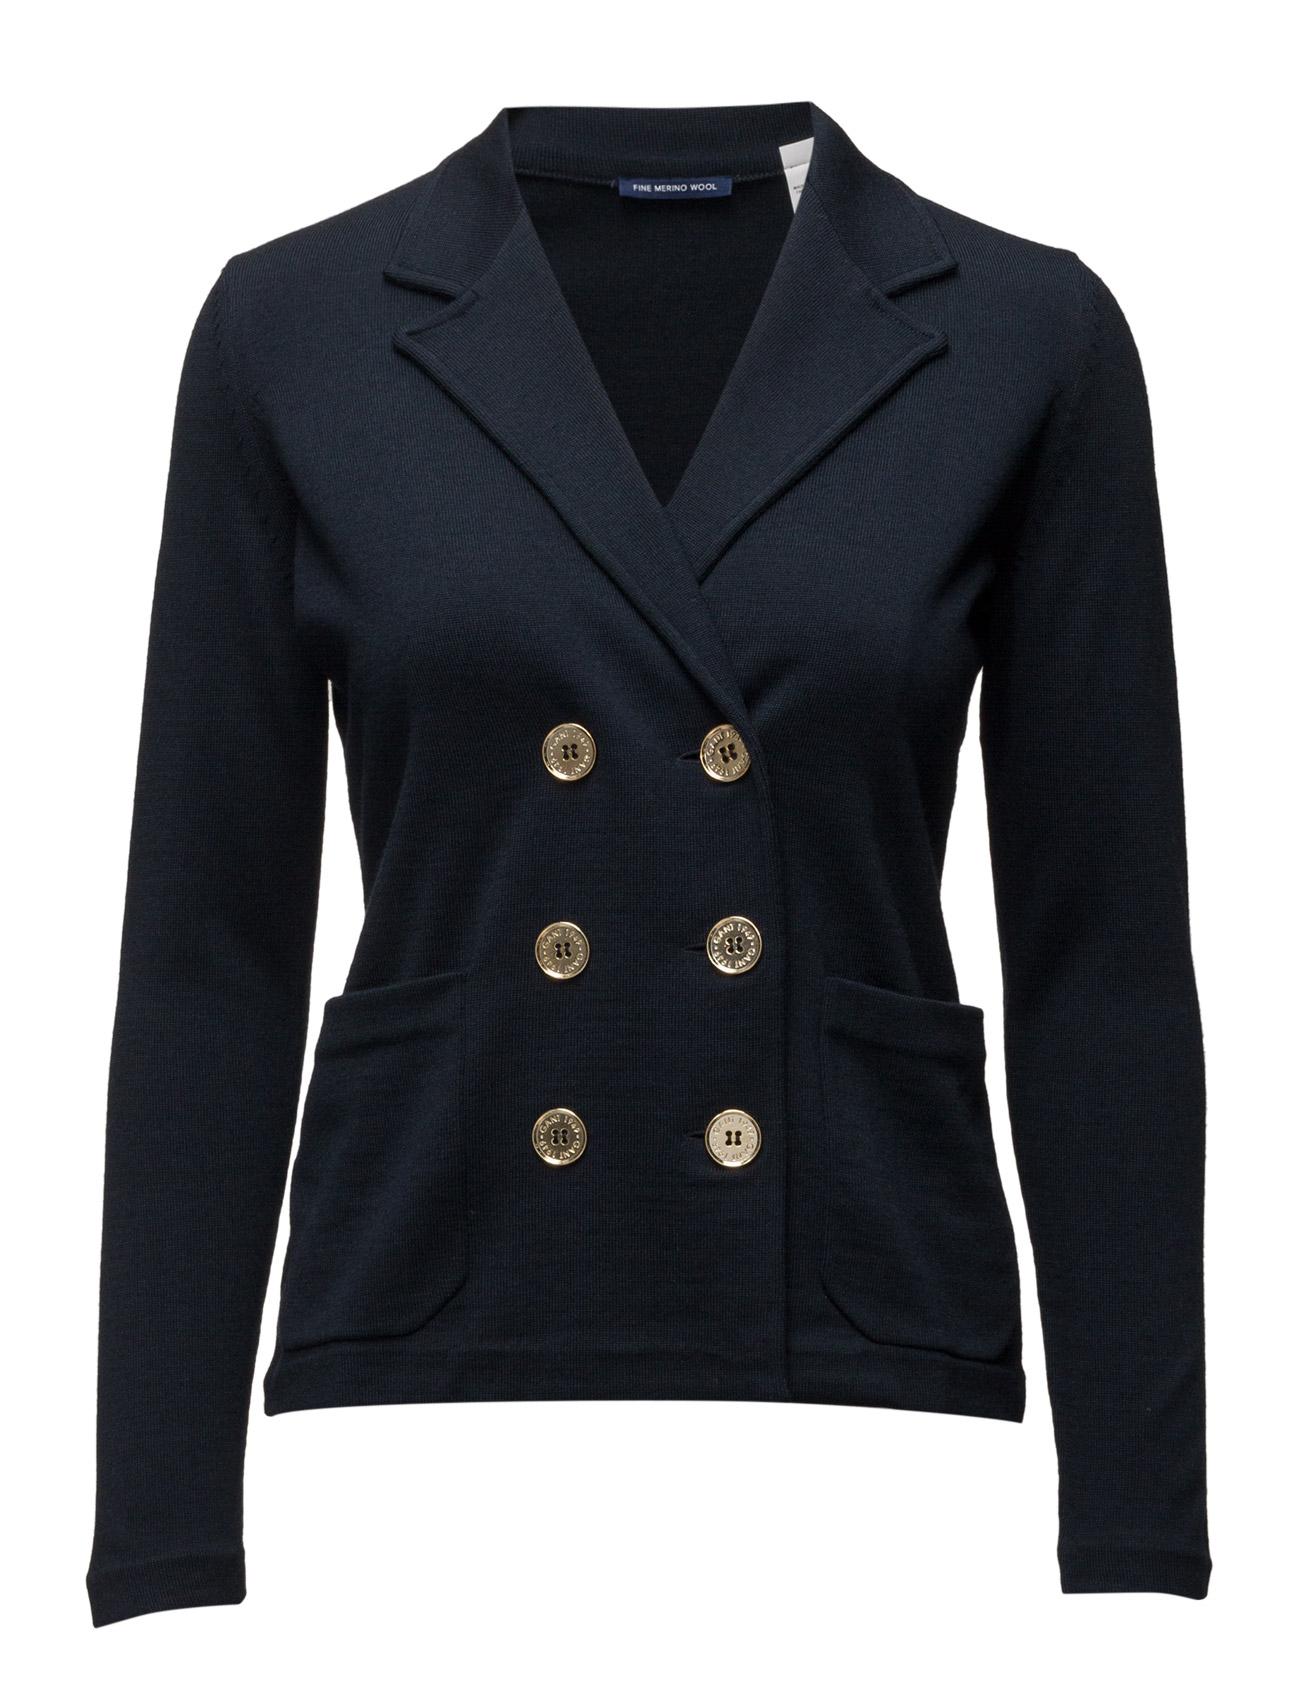 Knitted Merino Wool Blazer GANT Blazere til Kvinder i Marine blå